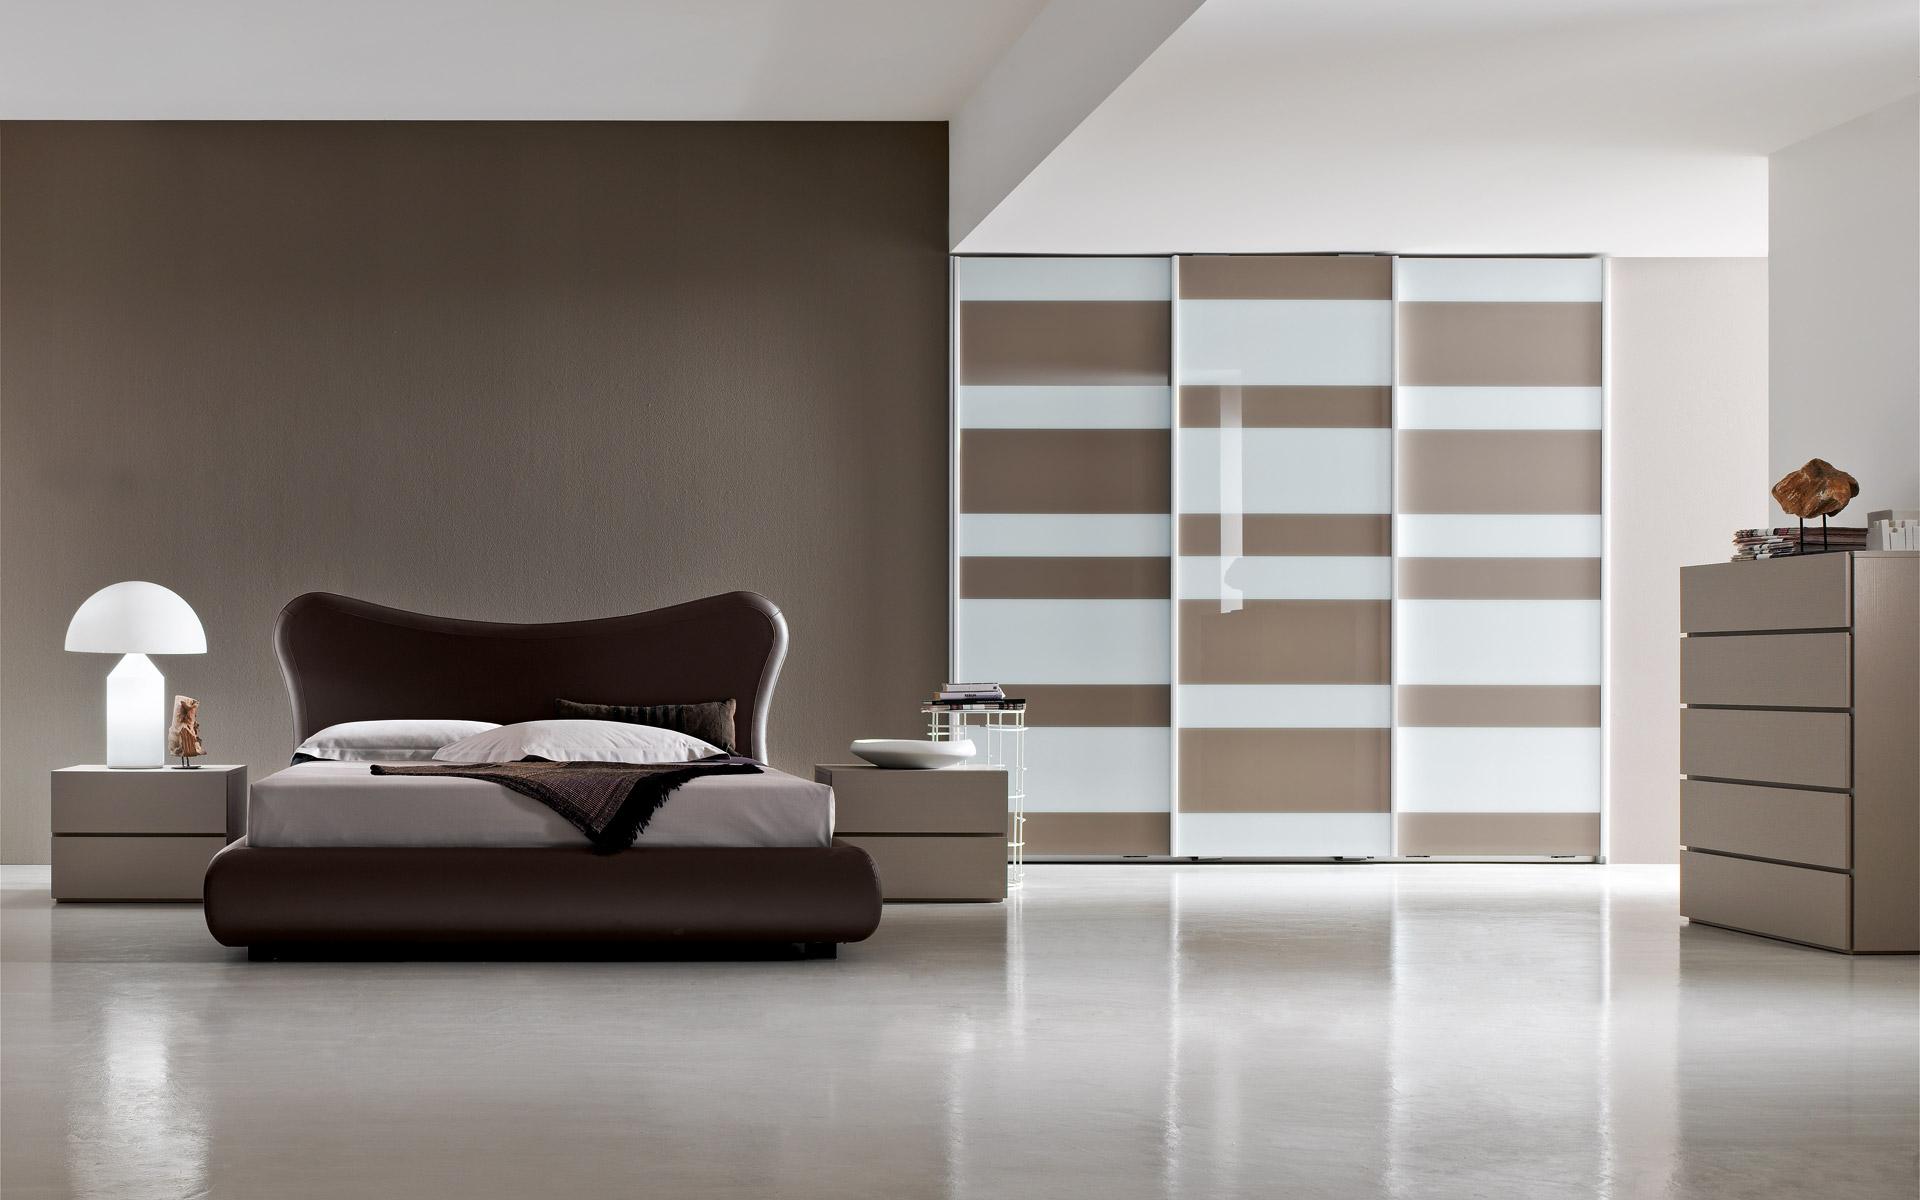 Camera da letto Santalucia Projecta 15 - Arredamenti Lupo